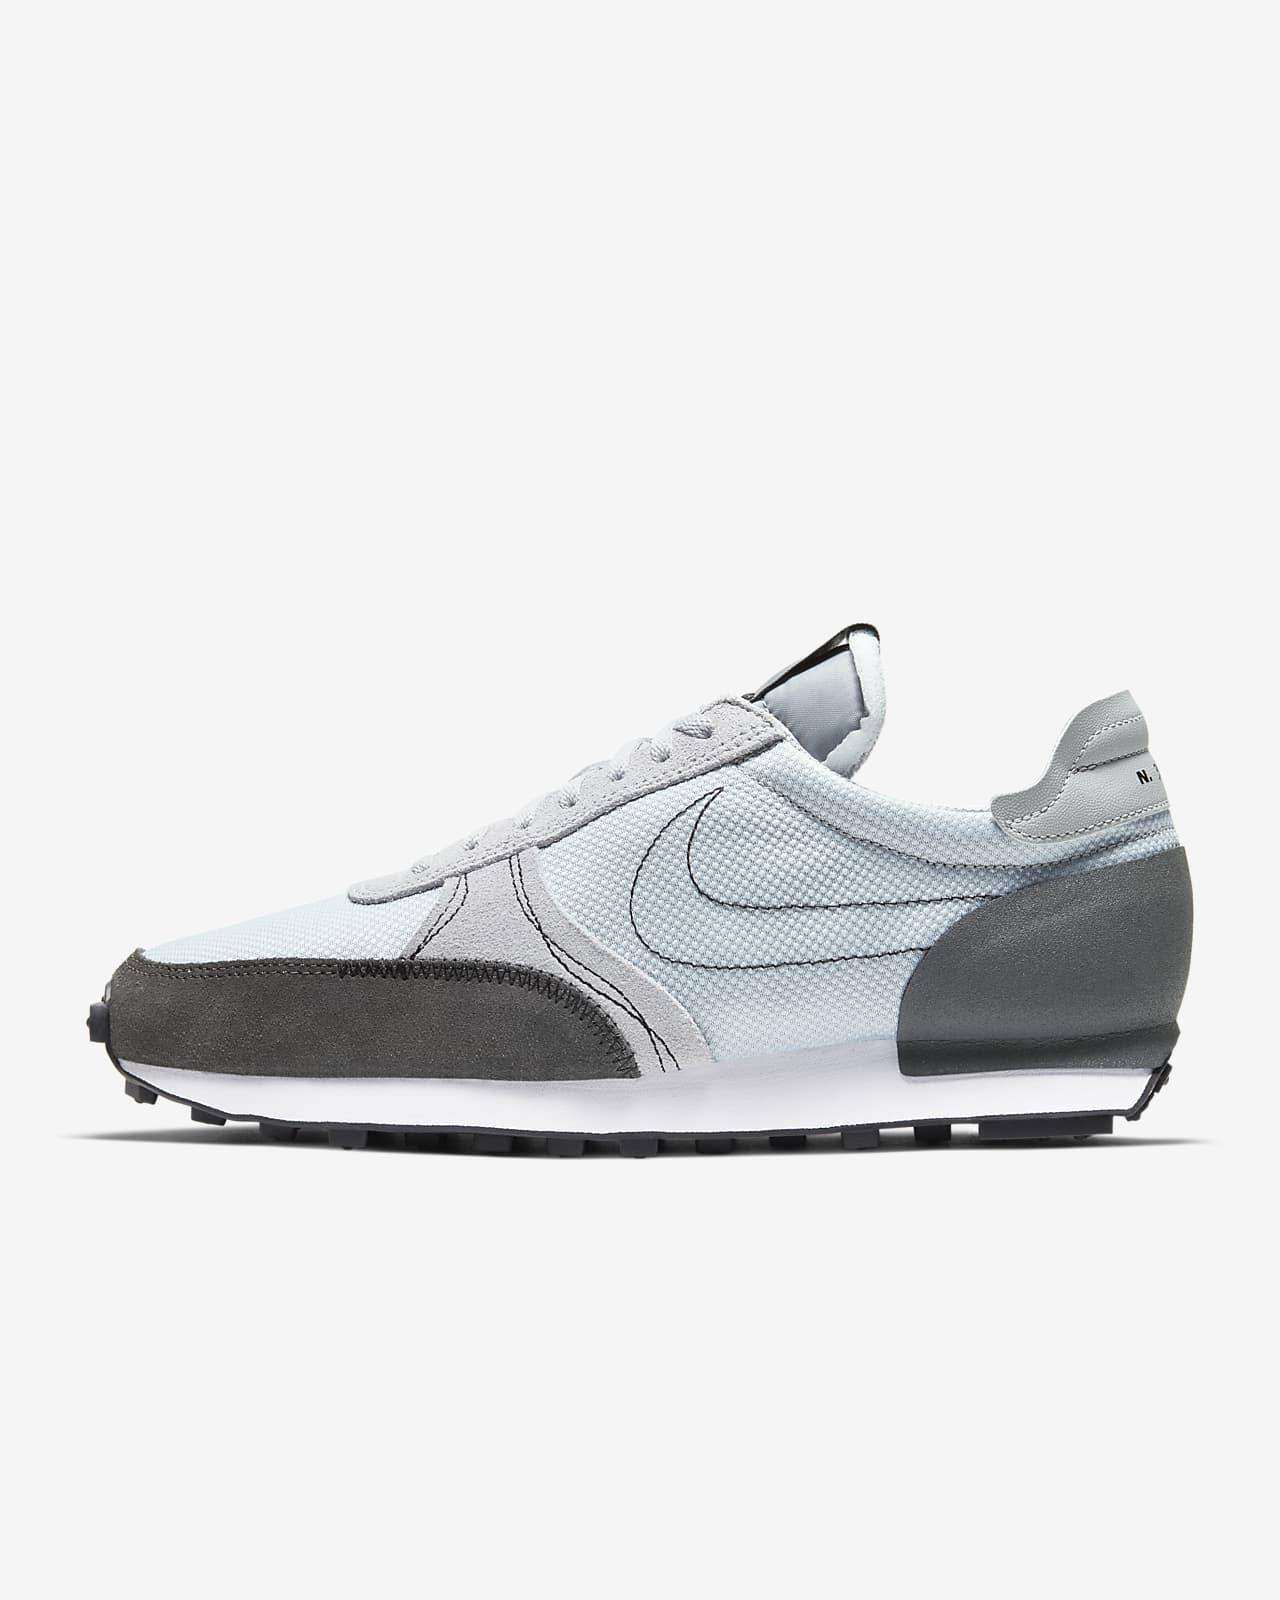 Nike DBreak-Type Herrenschuh